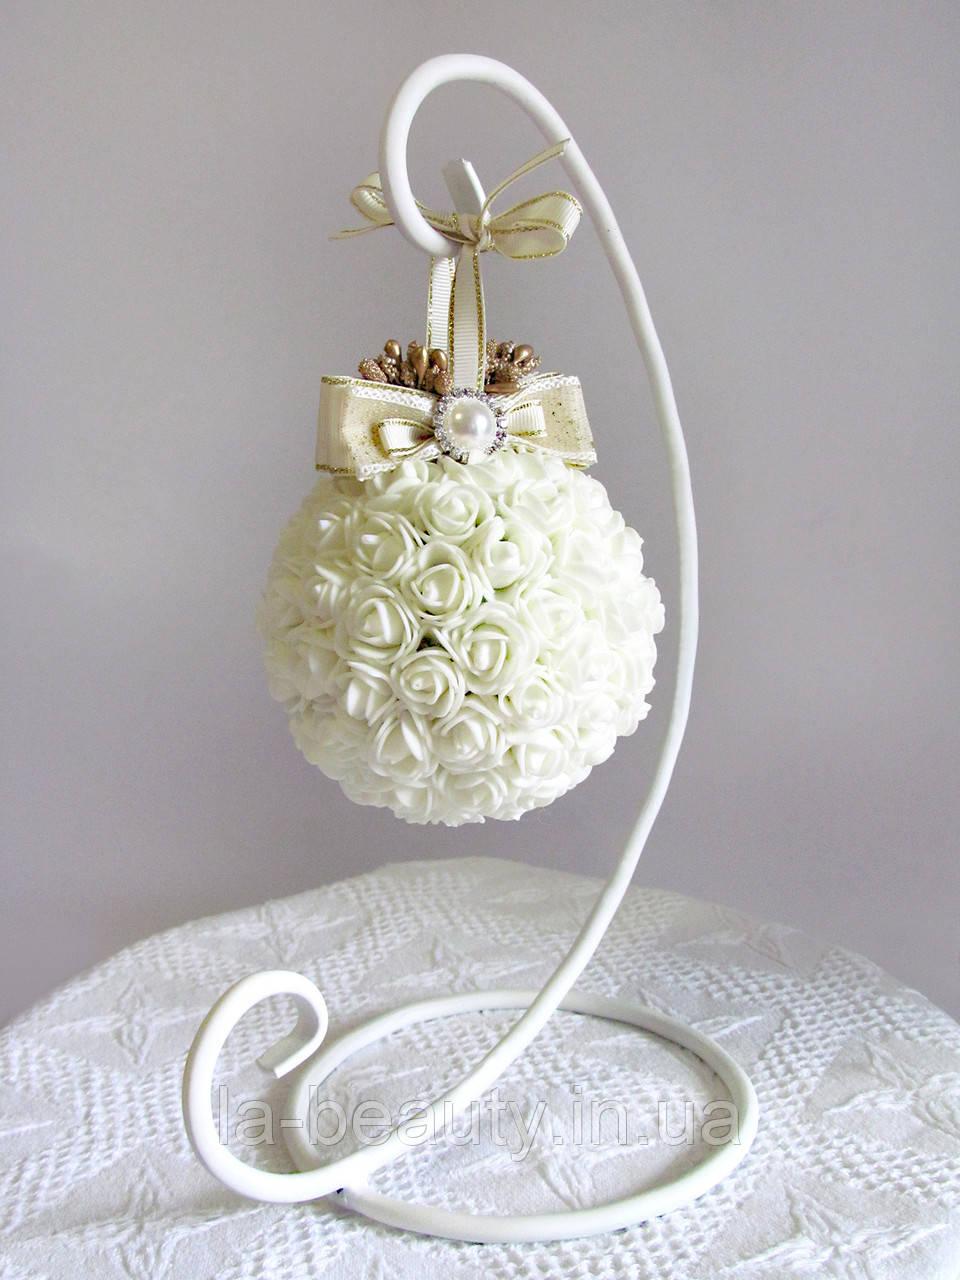 Декоративный шар + подставка для интерьера или свадьбы в стиле винтаж айвори Luxury Ivory